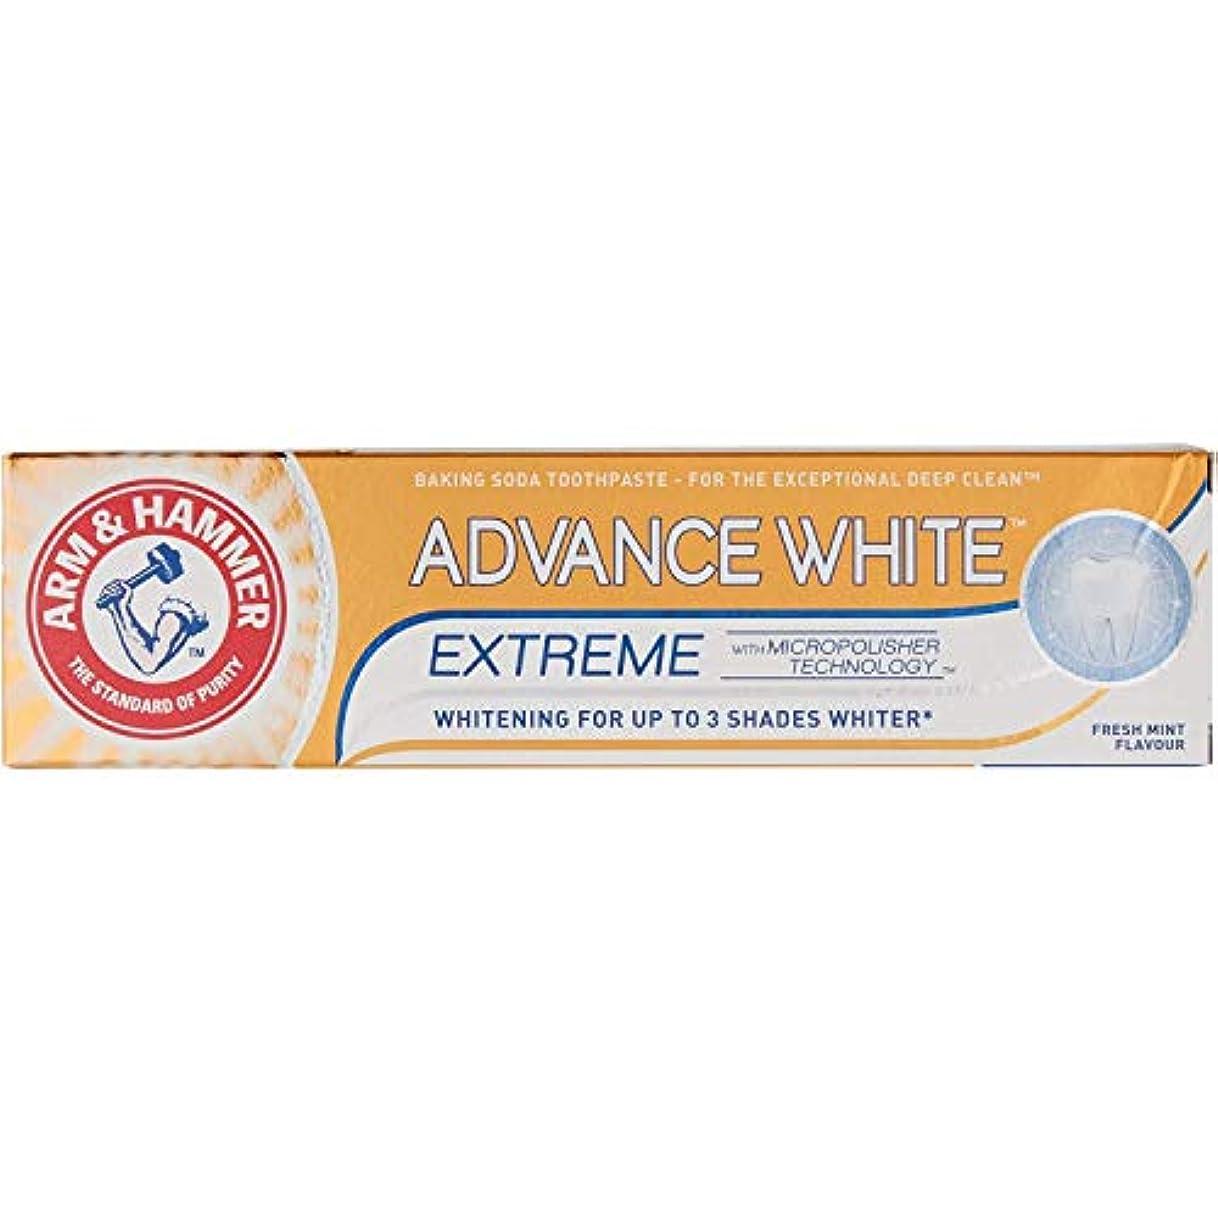 規制する霧深い血まみれArm & Hammer Advance White Extreme Whitening Baking Soda Toothpaste 75Ml - Pack of 2 by Arm & Hammer